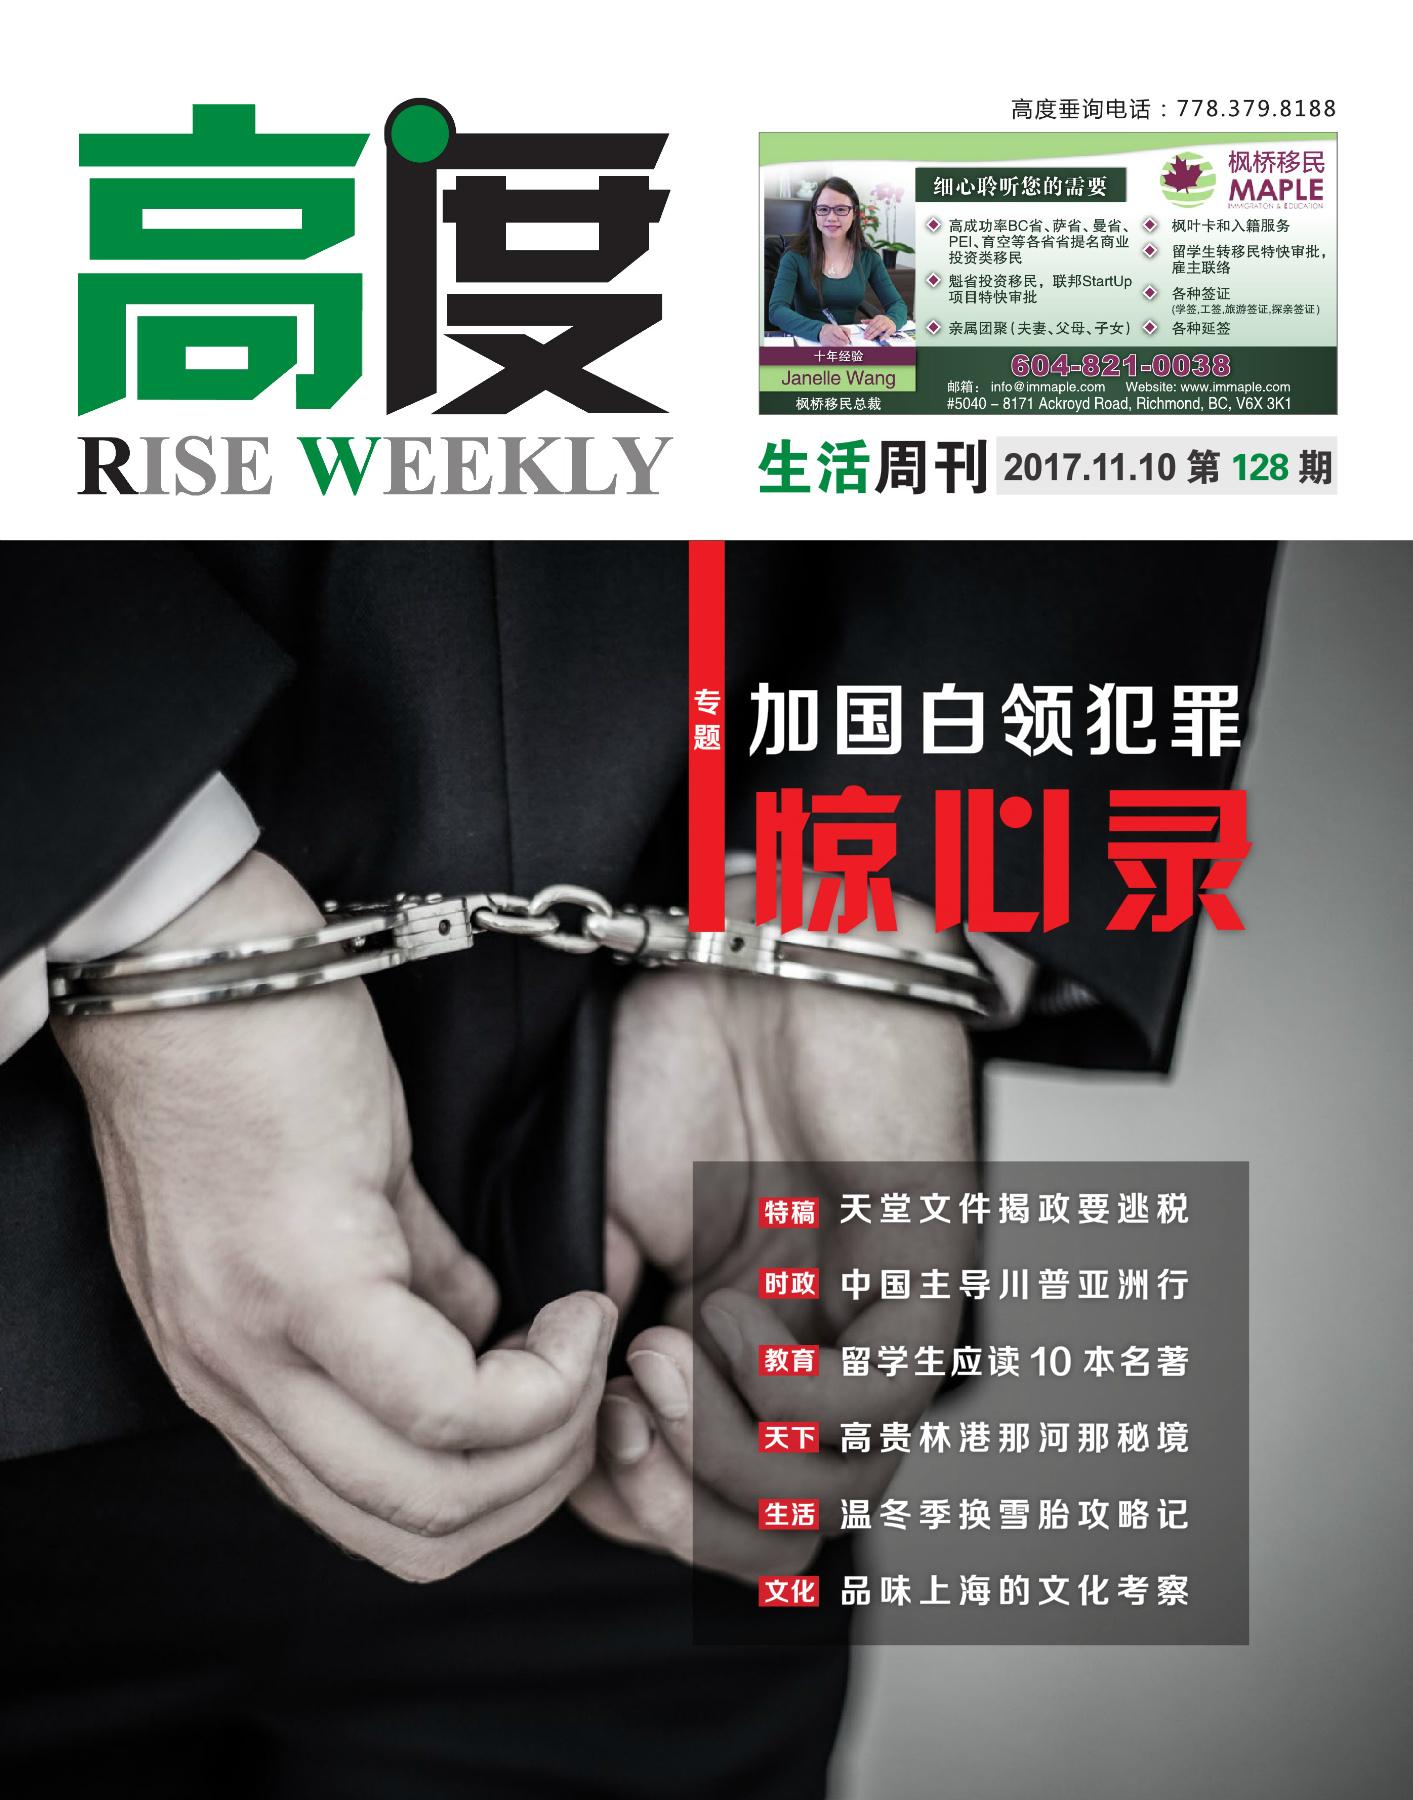 高度生活周刊 2017年11月10日 第128期